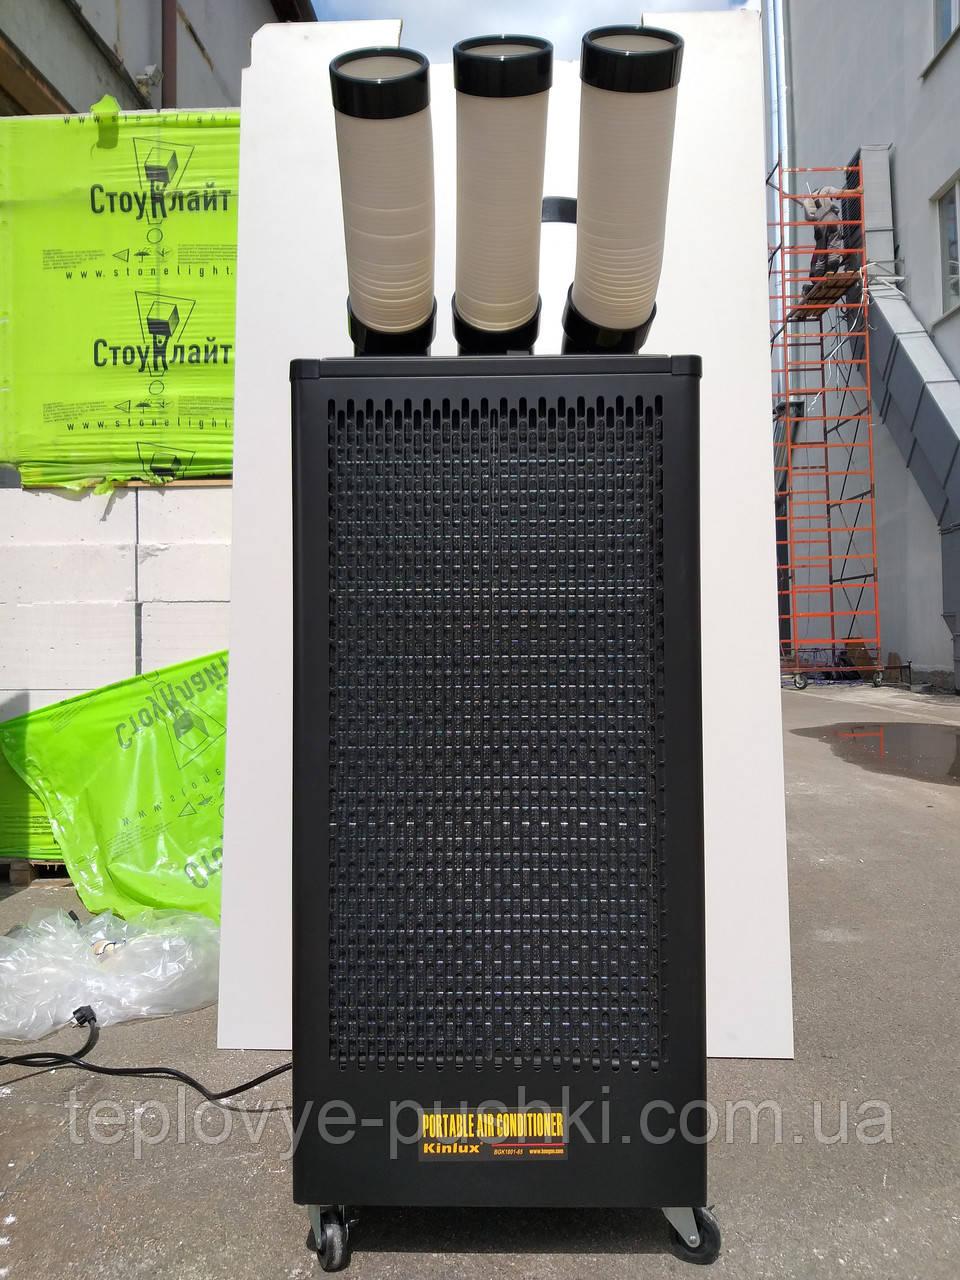 Аренда мобильного кондиционера KINLUX 6,5 кВт